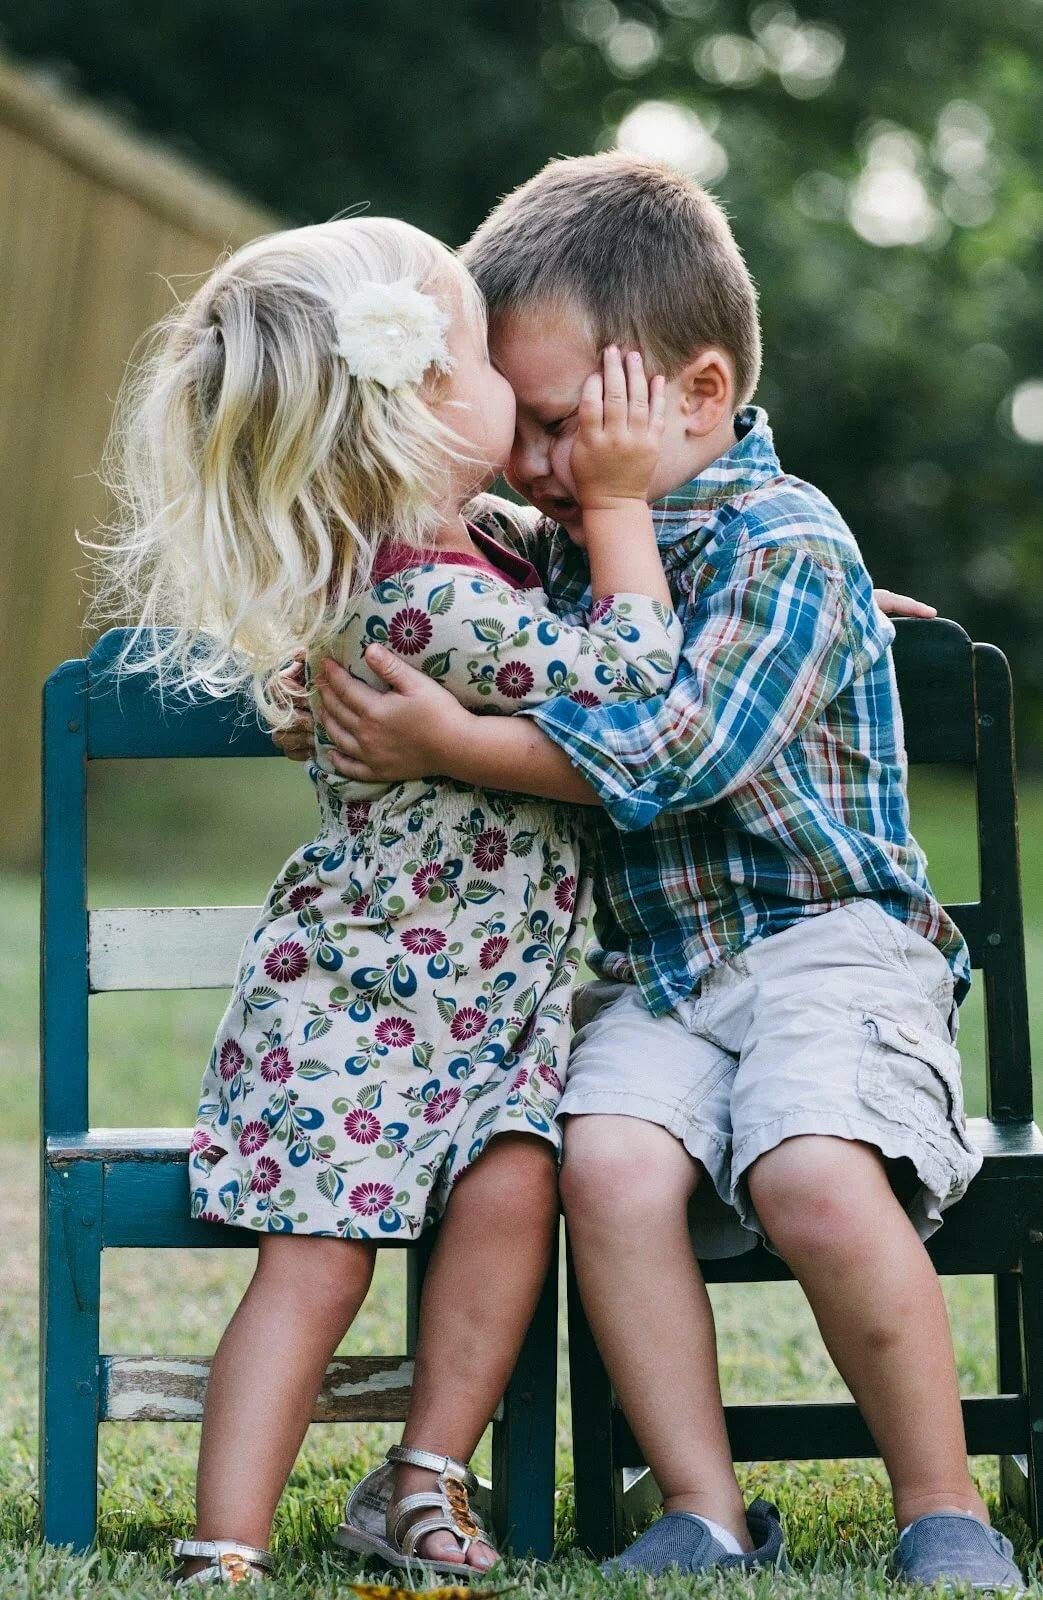 Мальчик обнимает девочку картинка